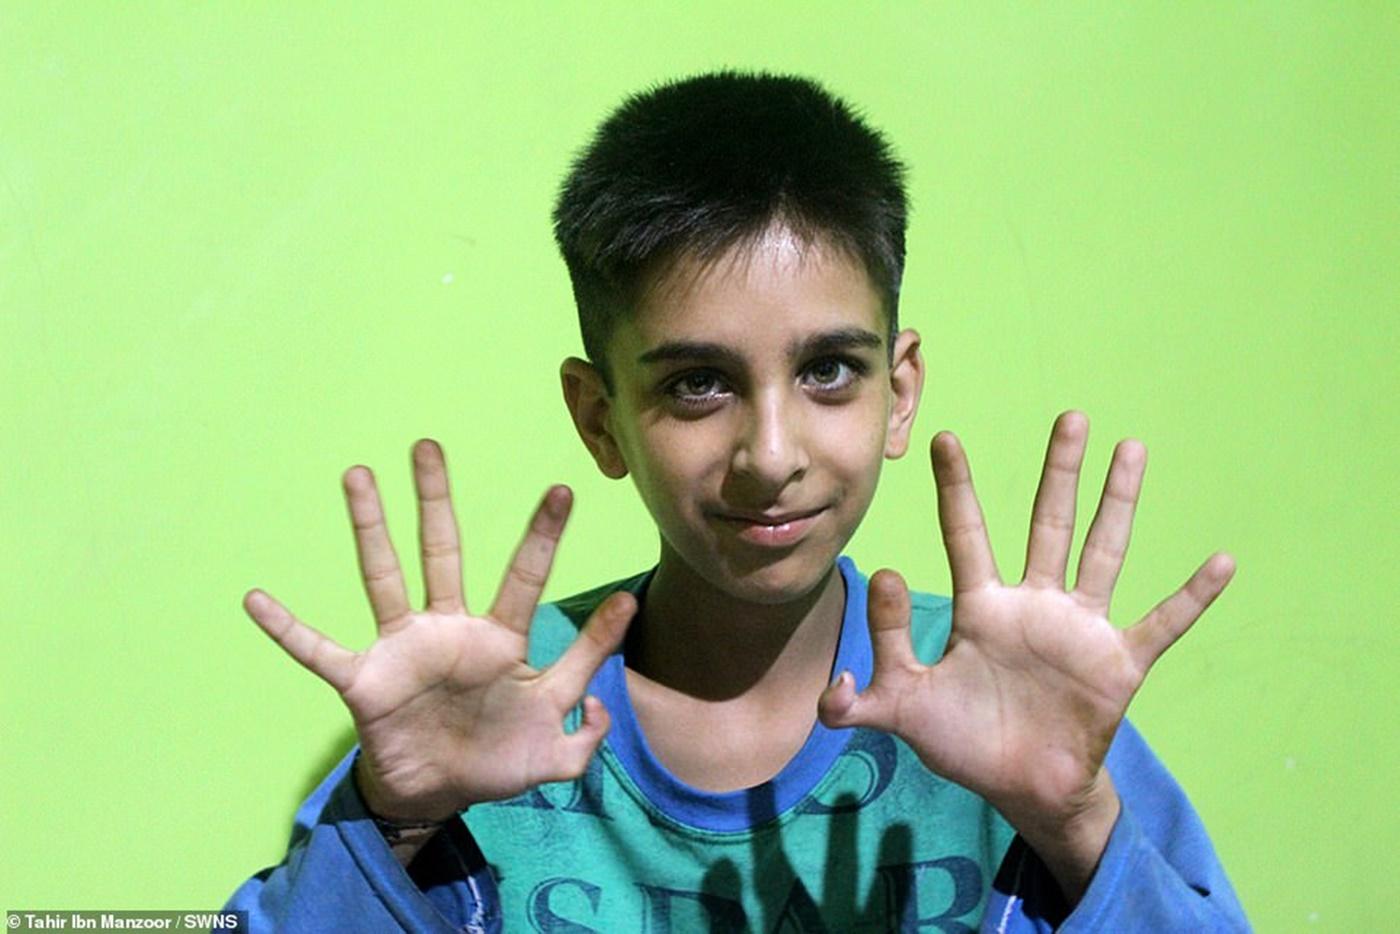 Povestea băiatului care s-a născut cu 12 degete la mâini! Părinții nu vor să îl opereze